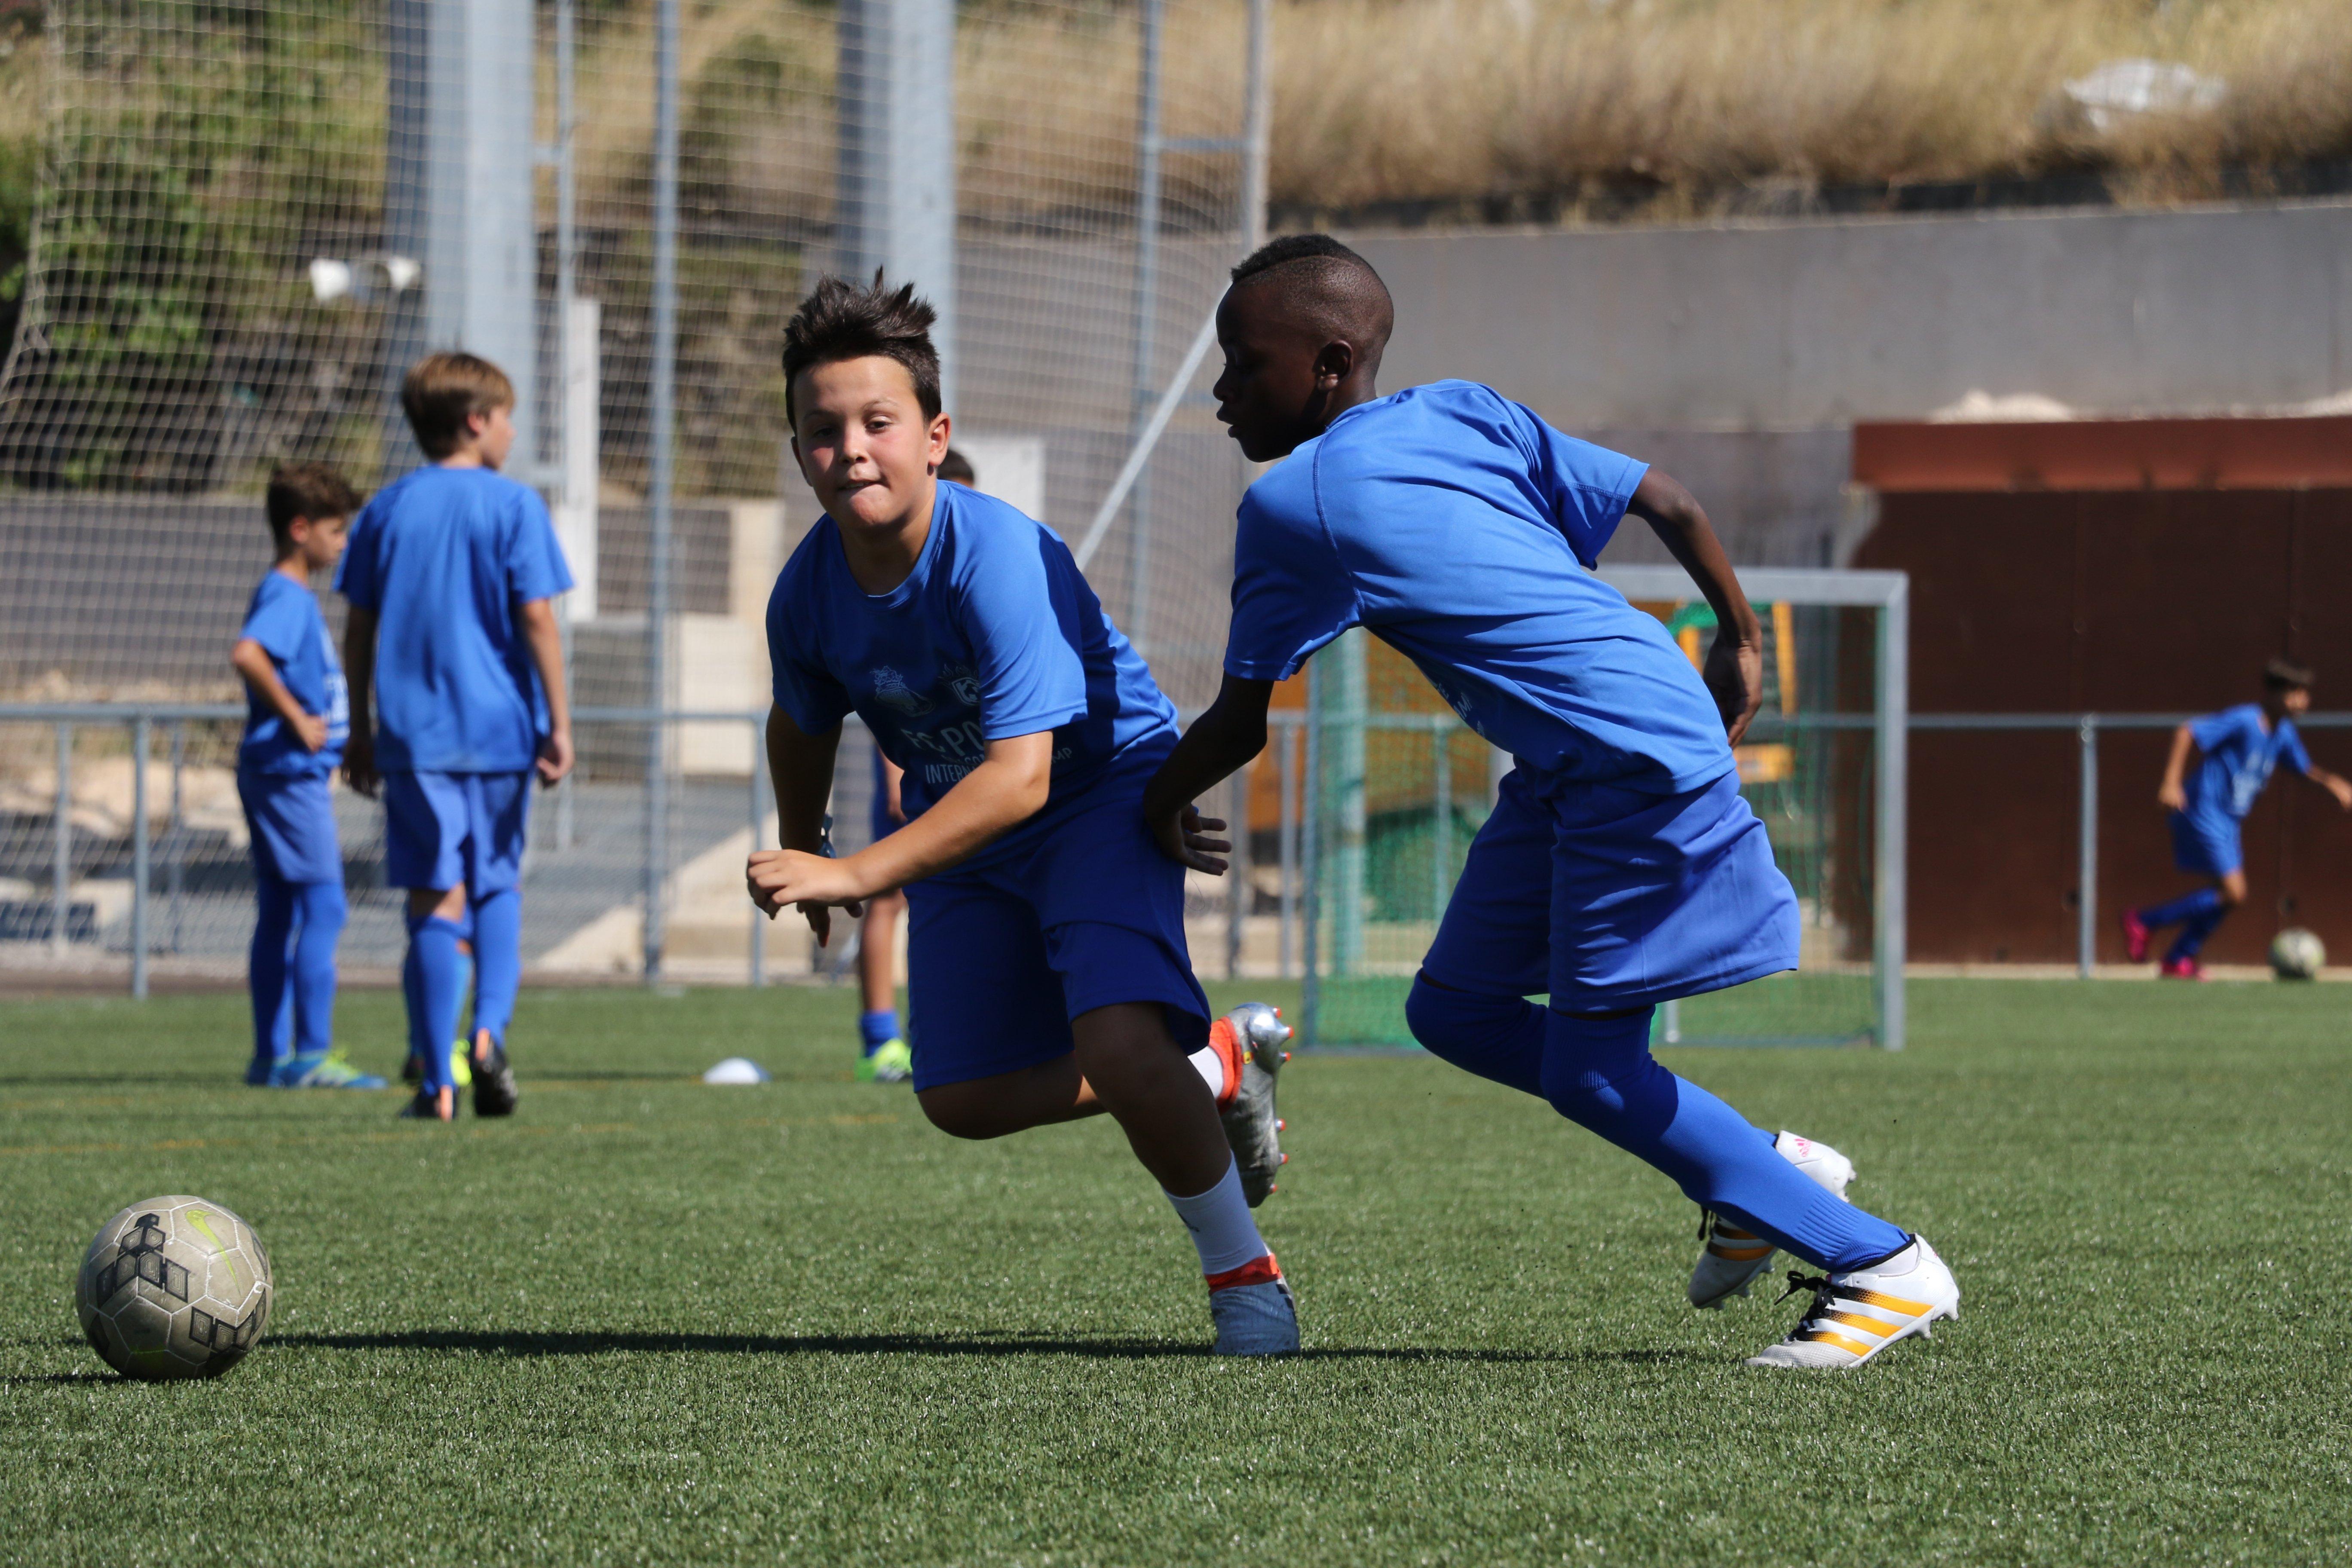 Entrenamiento en los campamentos de fútbol en España 2018